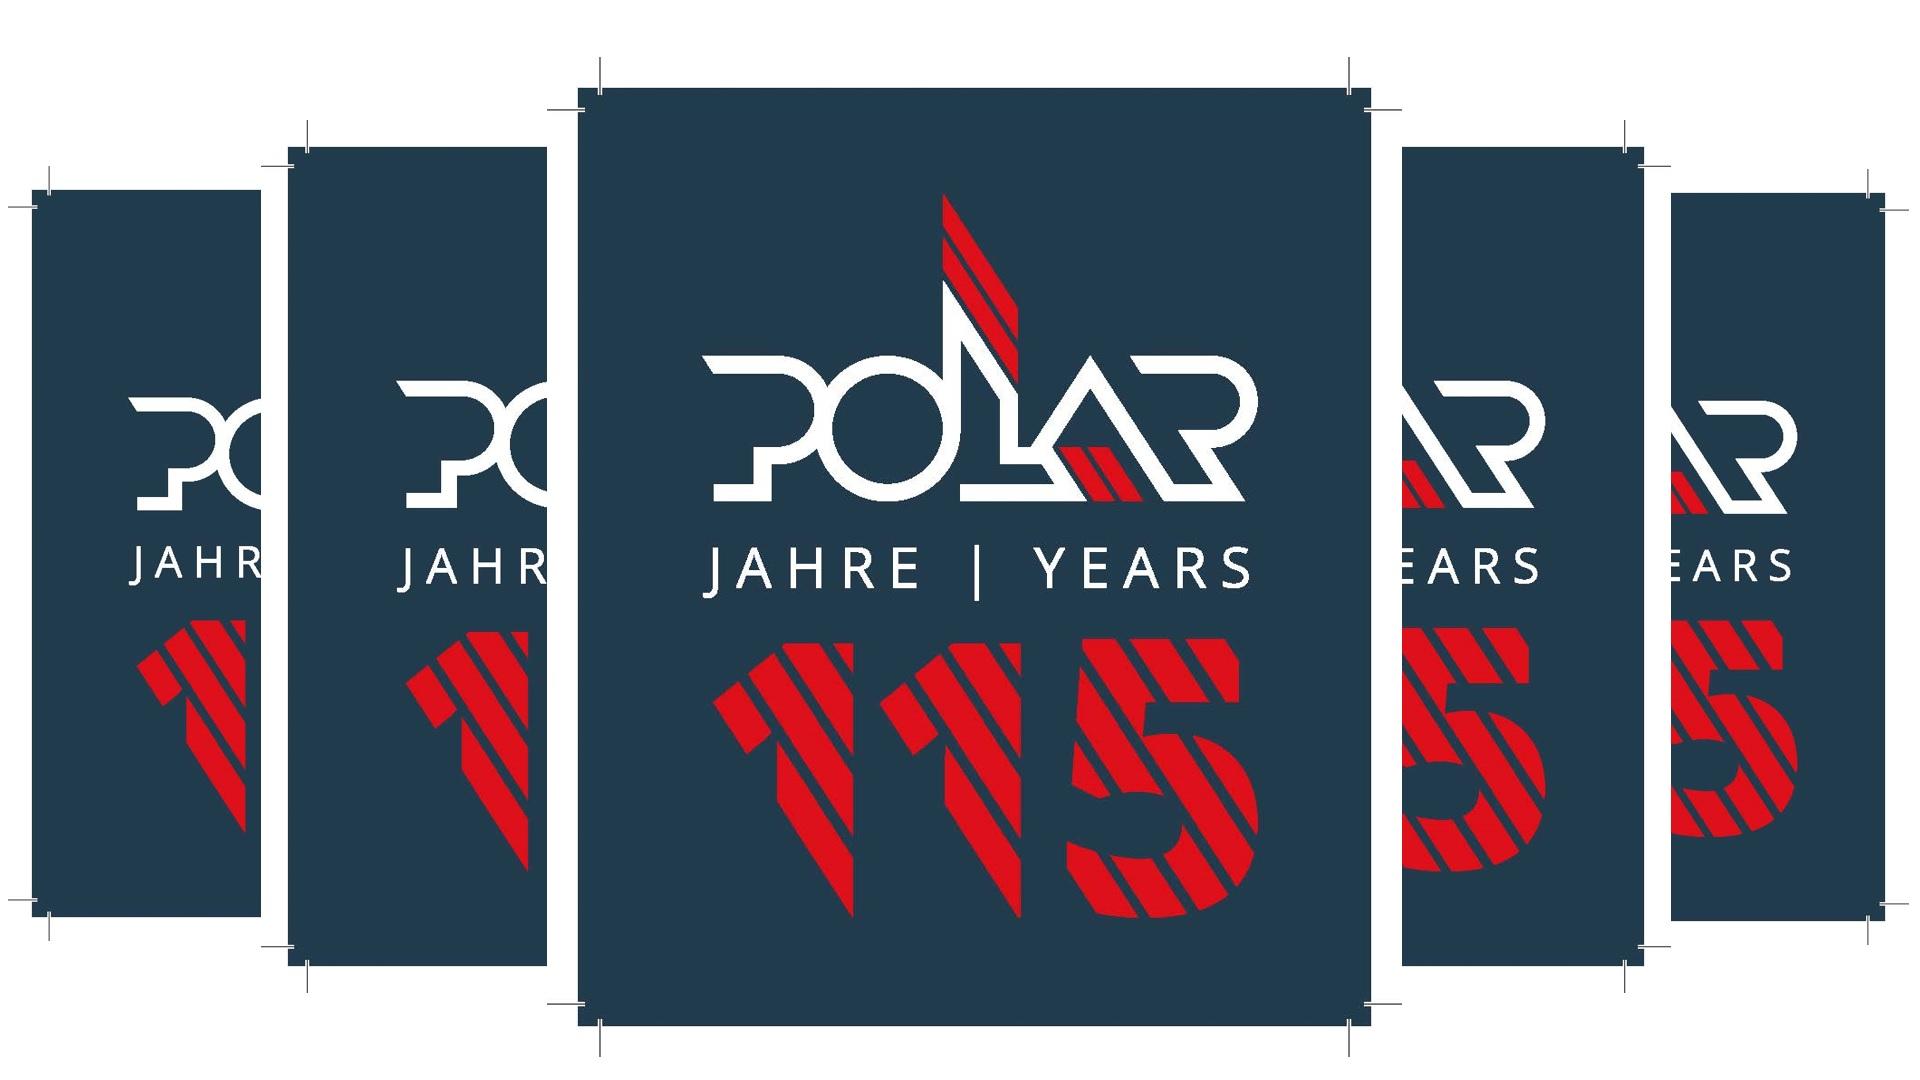 ポーラー社設立115周年記念キャンペーン